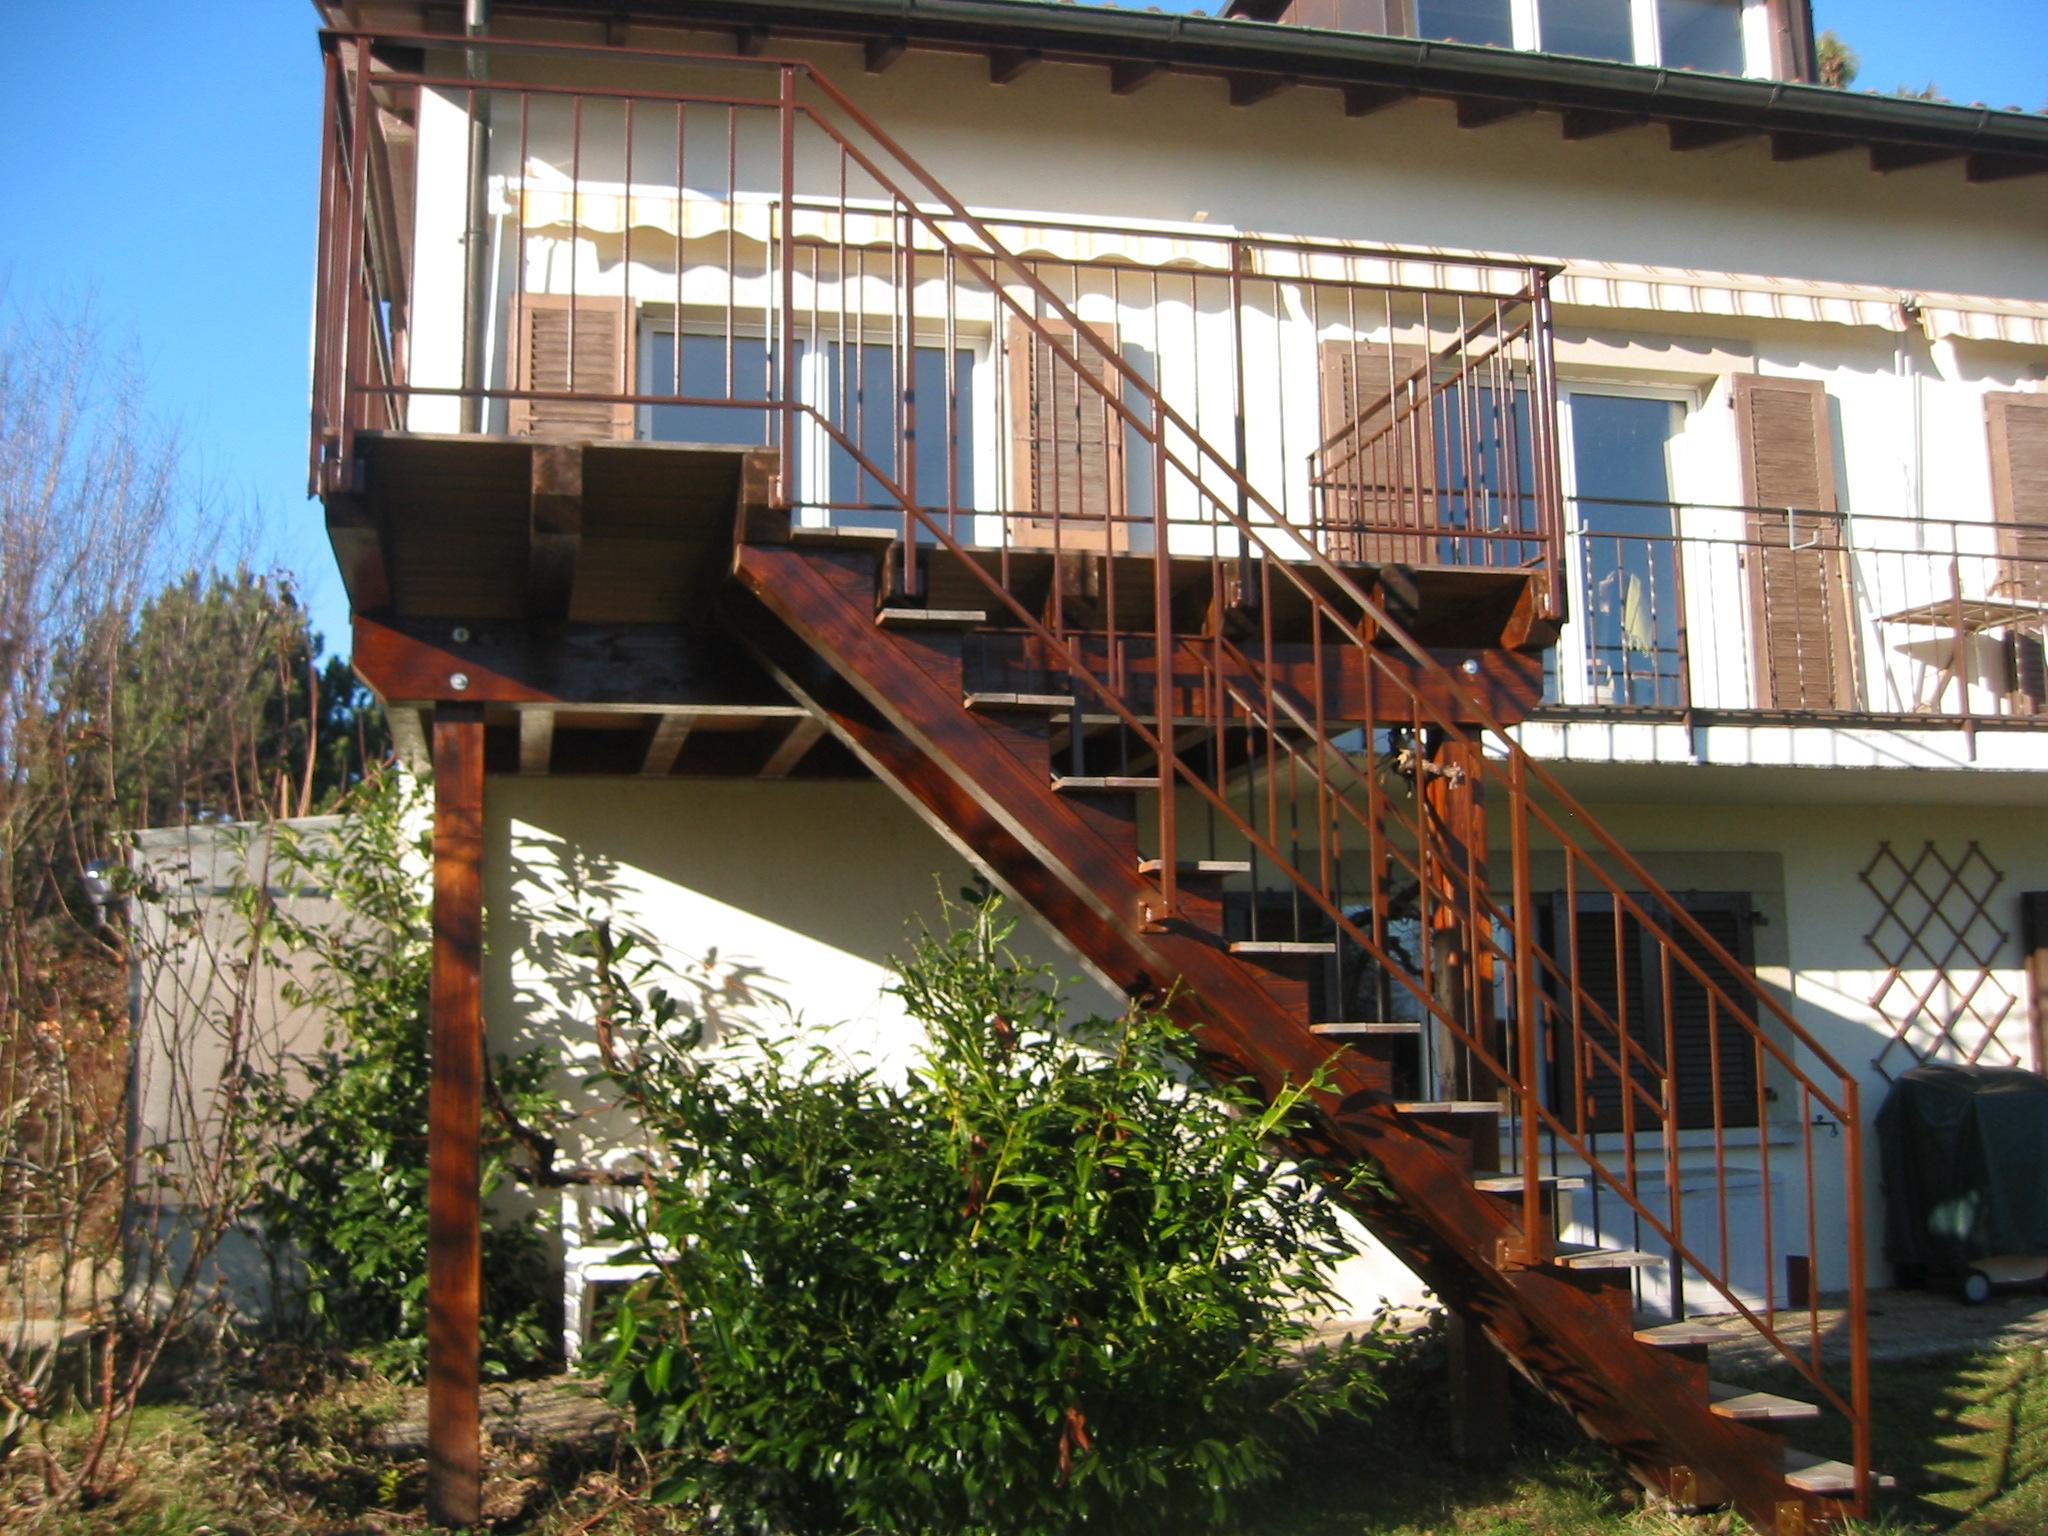 Escalier e5